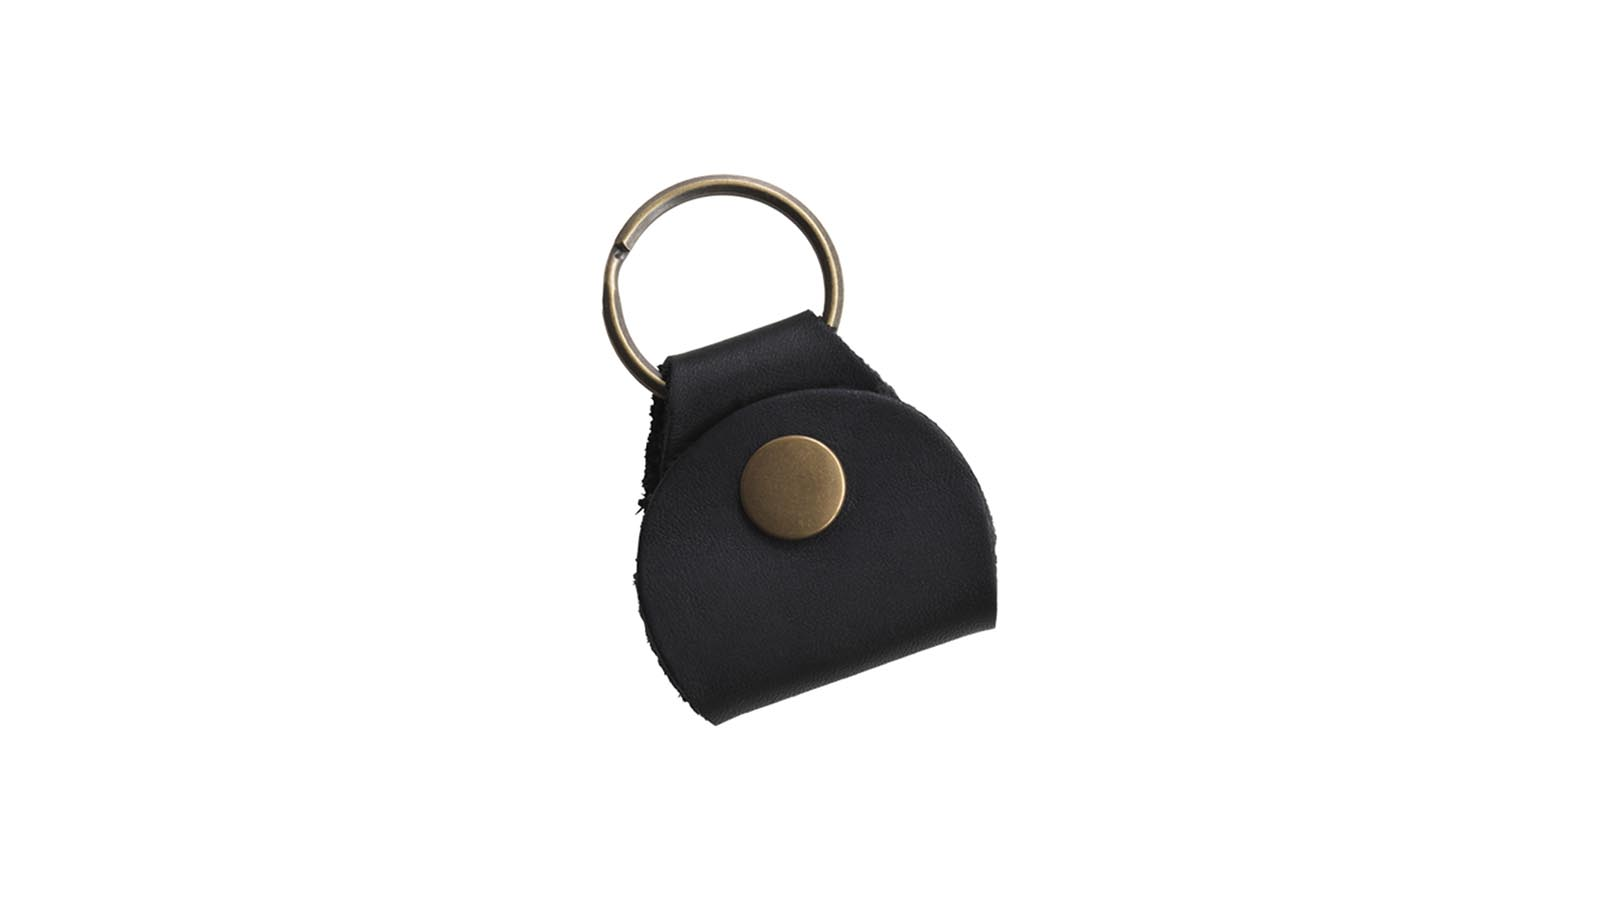 Gibson Premium Leather Pickholder Schlüsselanhänger